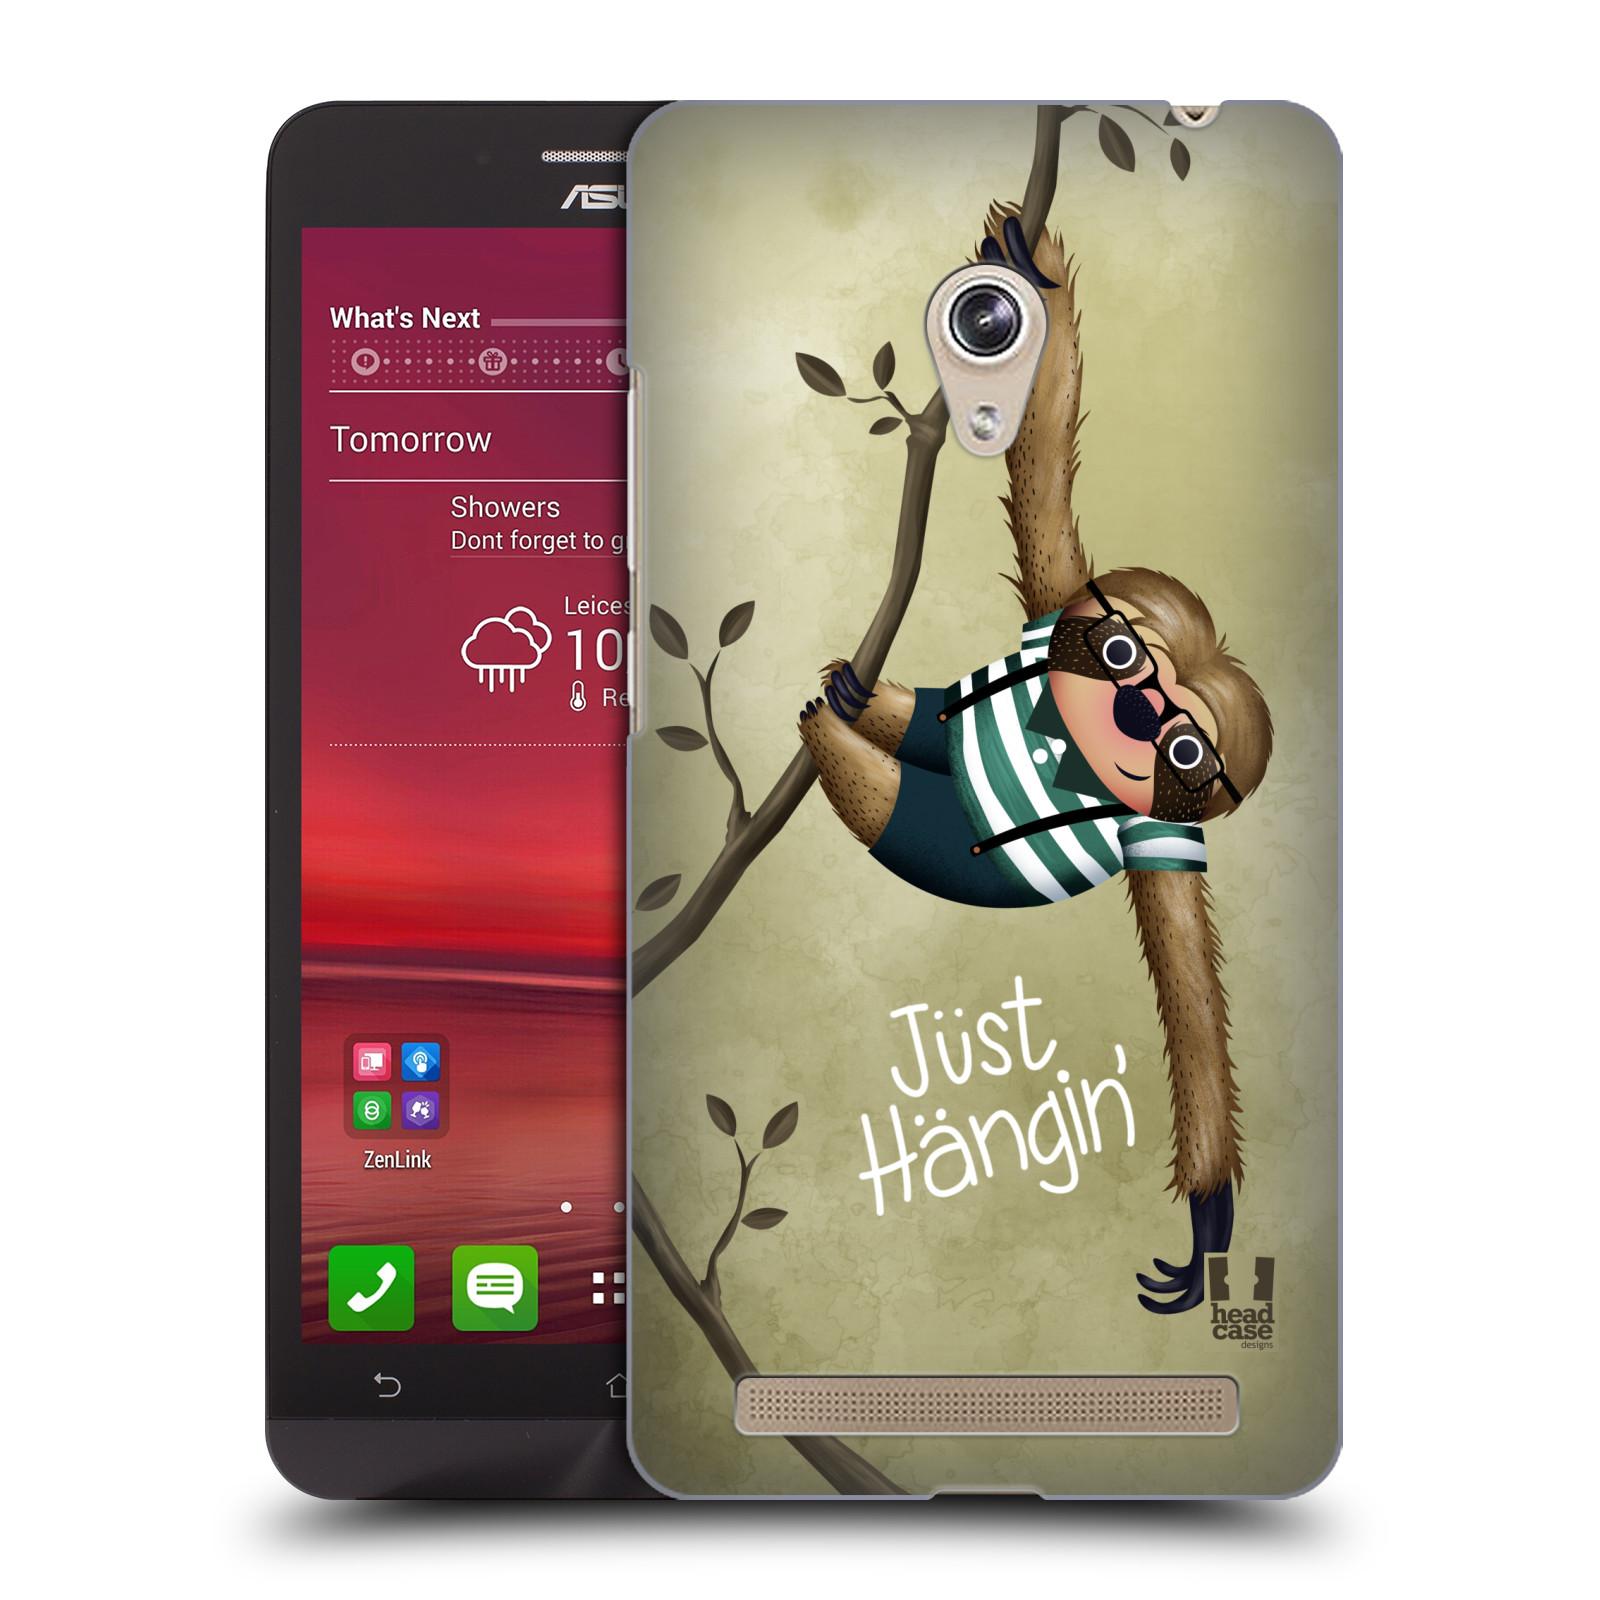 Plastové pouzdro na mobil Asus Zenfone 6 HEAD CASE Lenochod Just Hangin (Kryt či obal na mobilní telefon Asus Zenfone 6 A600CG / A601CG)